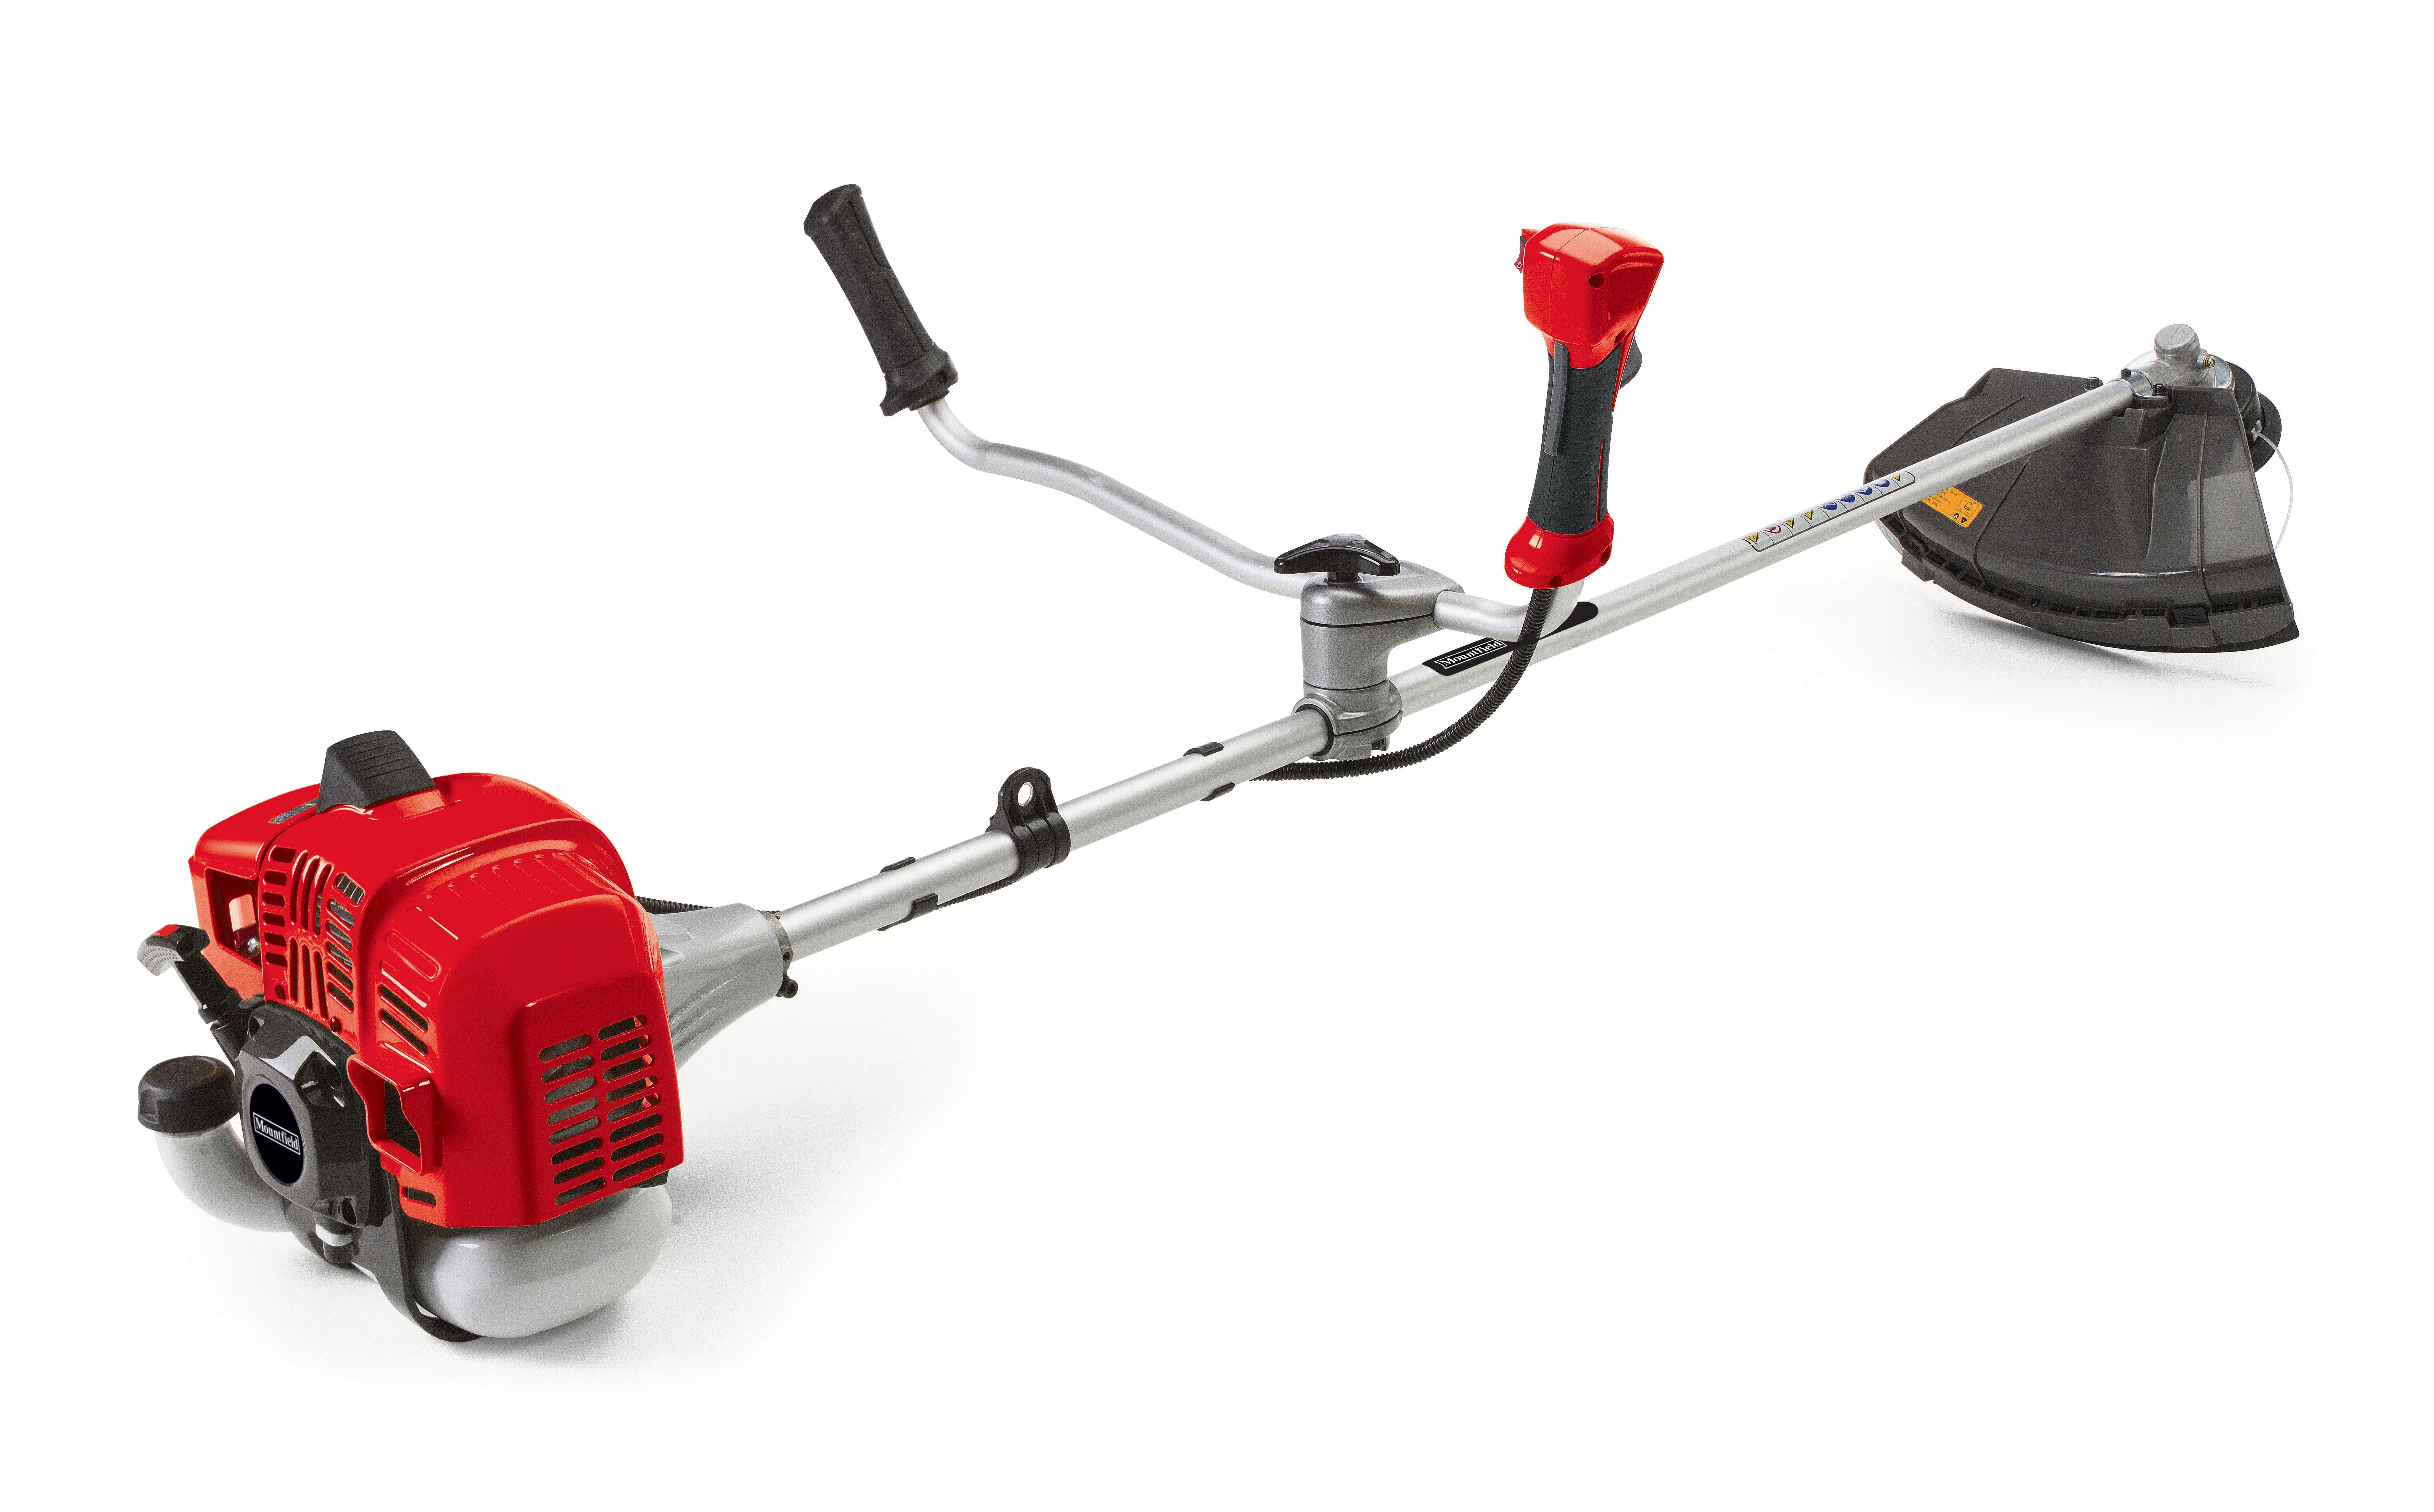 Castelgarden 42.7cc Brushcutter